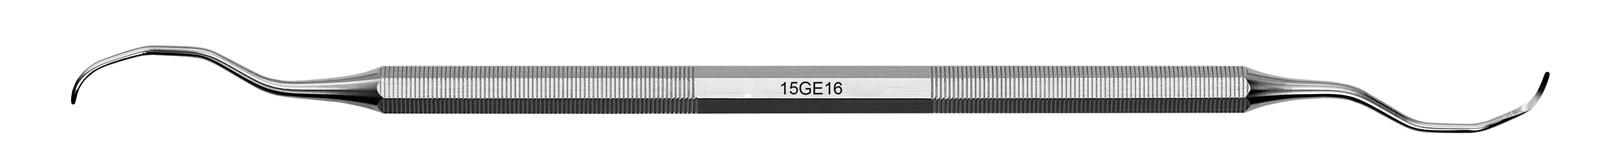 Kyreta Gracey Classic - 15GE16, ADEP silikonový návlek šedý